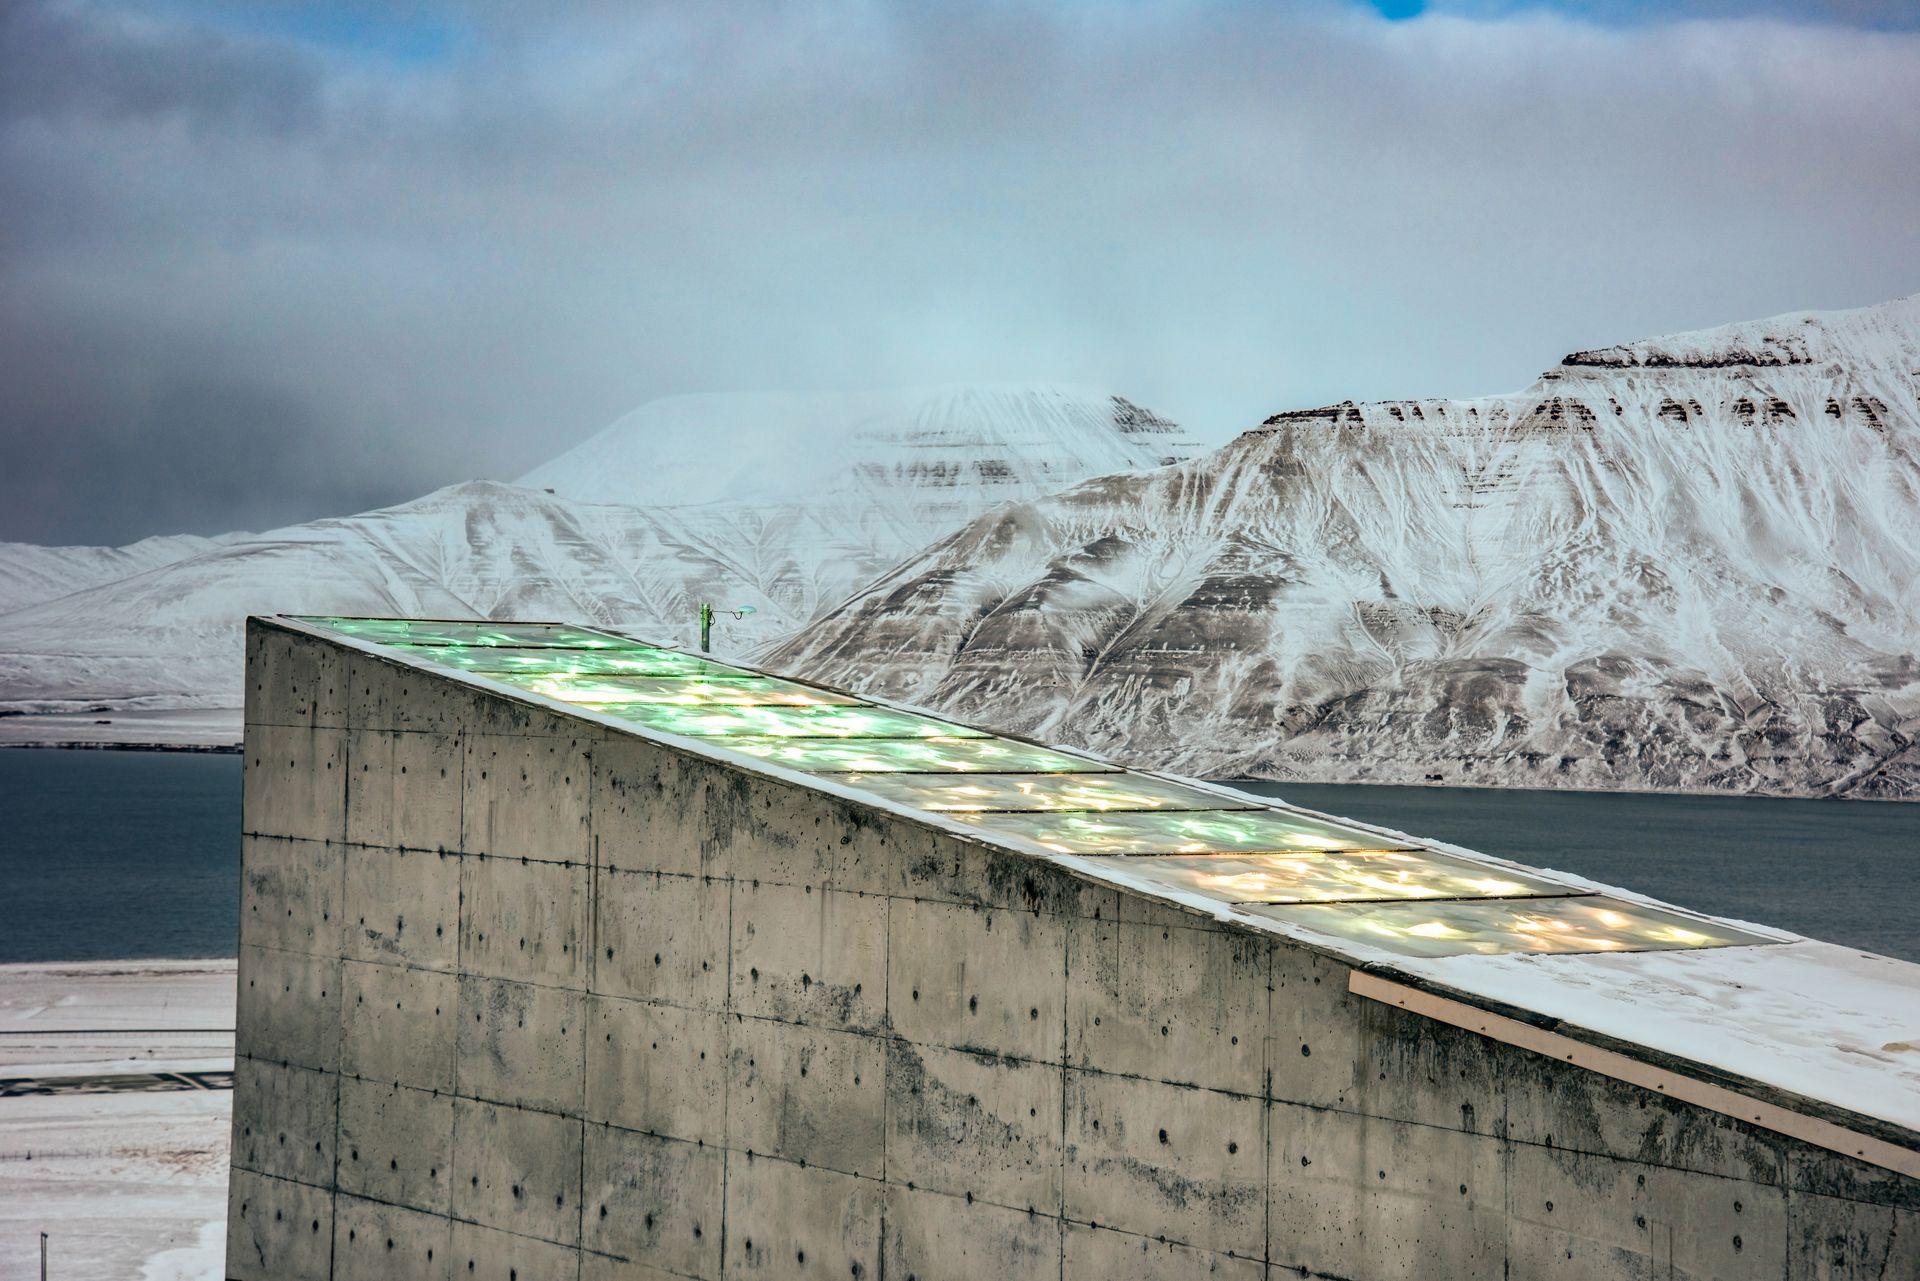 La bóveda con la instalación de la artista noruega Dyveke Sanne. Perpetual Repercussion refleja la luz polar en verano, y en invierno se ilumina por una red de 200 cables de fibra óptica en verde.